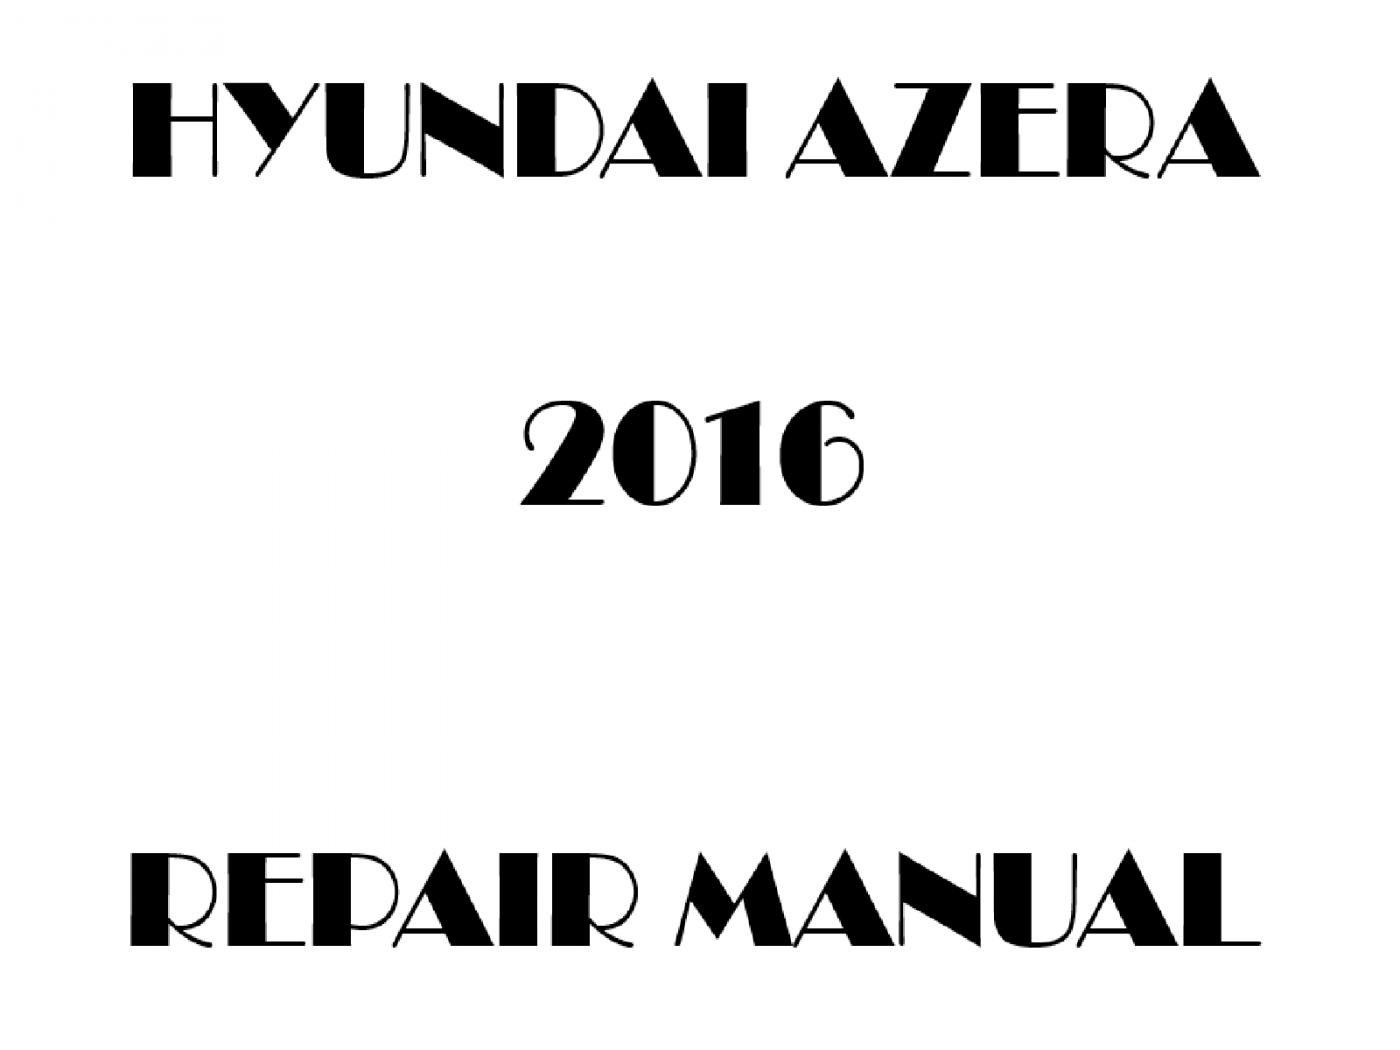 2016 Hyundai Azera repair manual